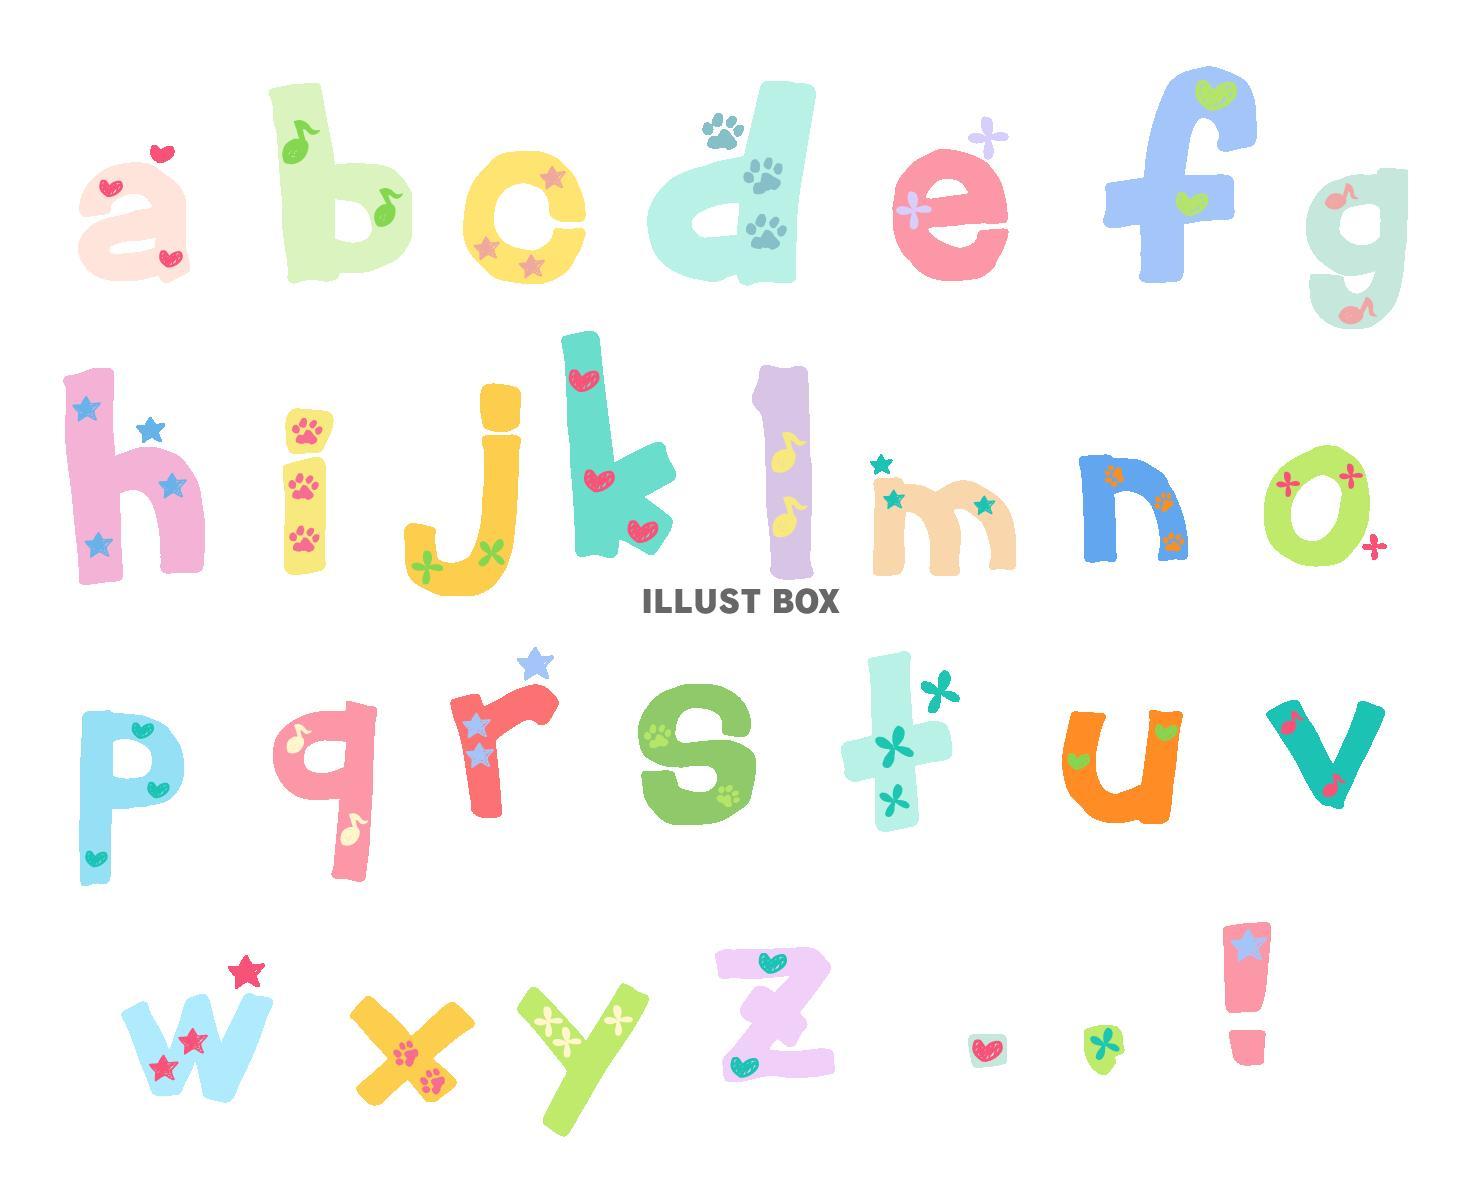 ゆる文字セット - アルファベット・小文字